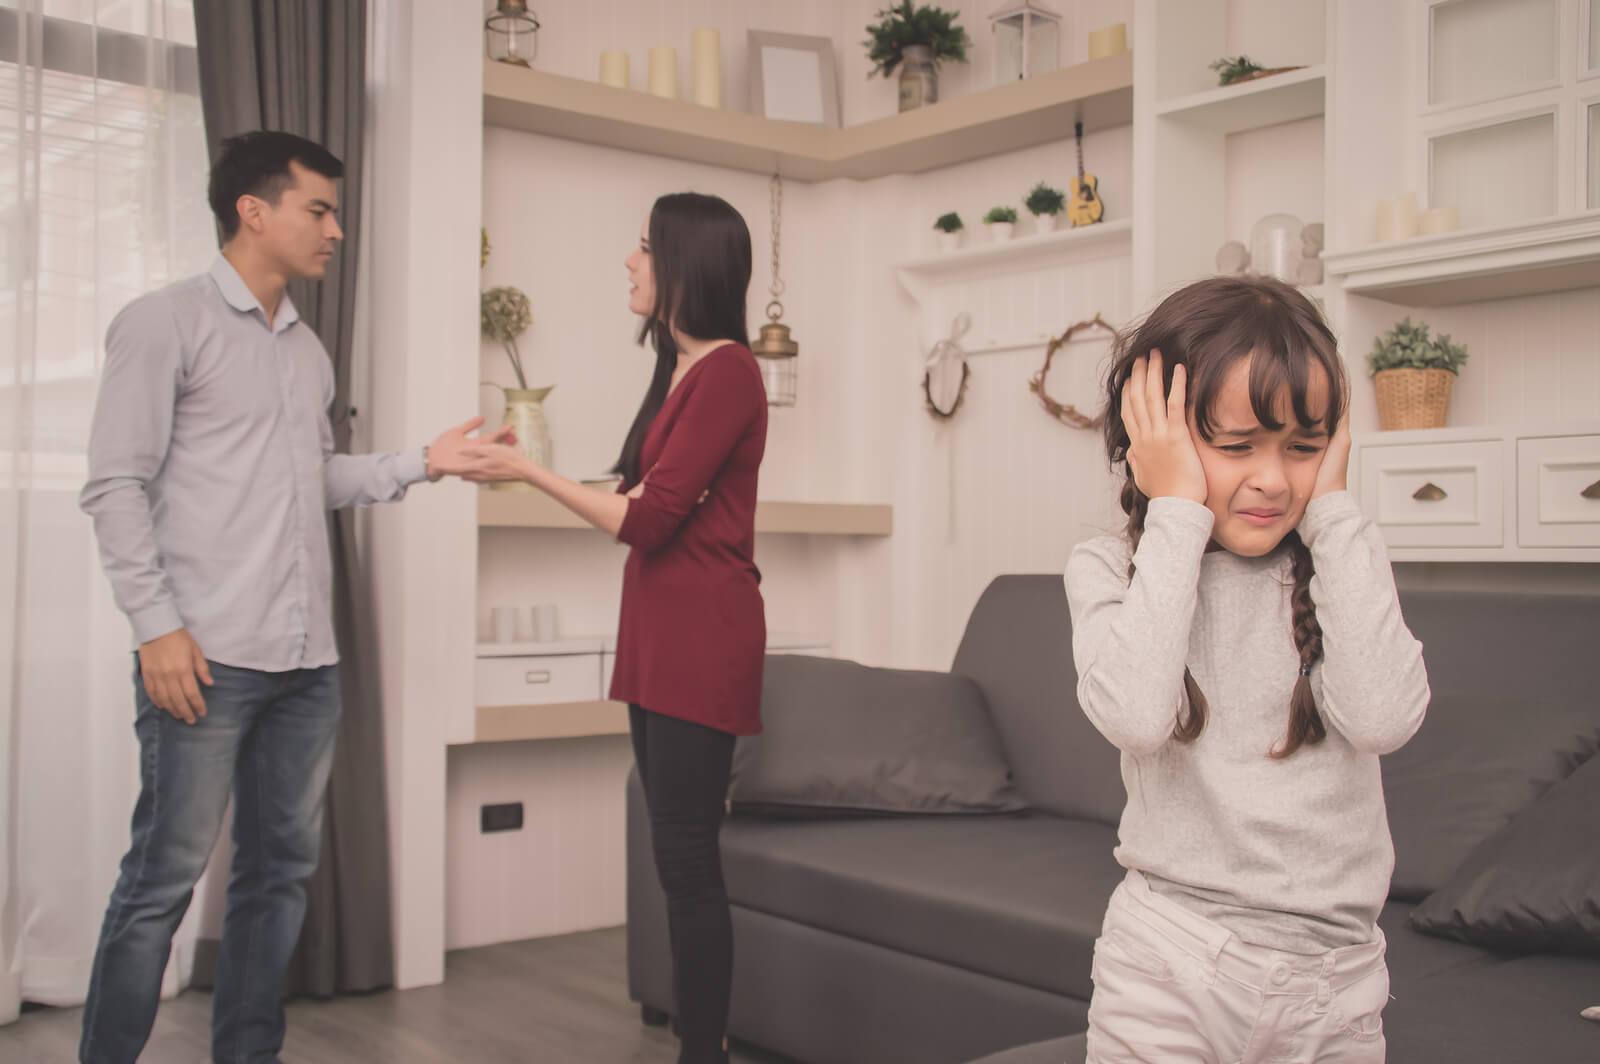 Padres discutiendo delante de su hija sin aprender a reconciliarse.